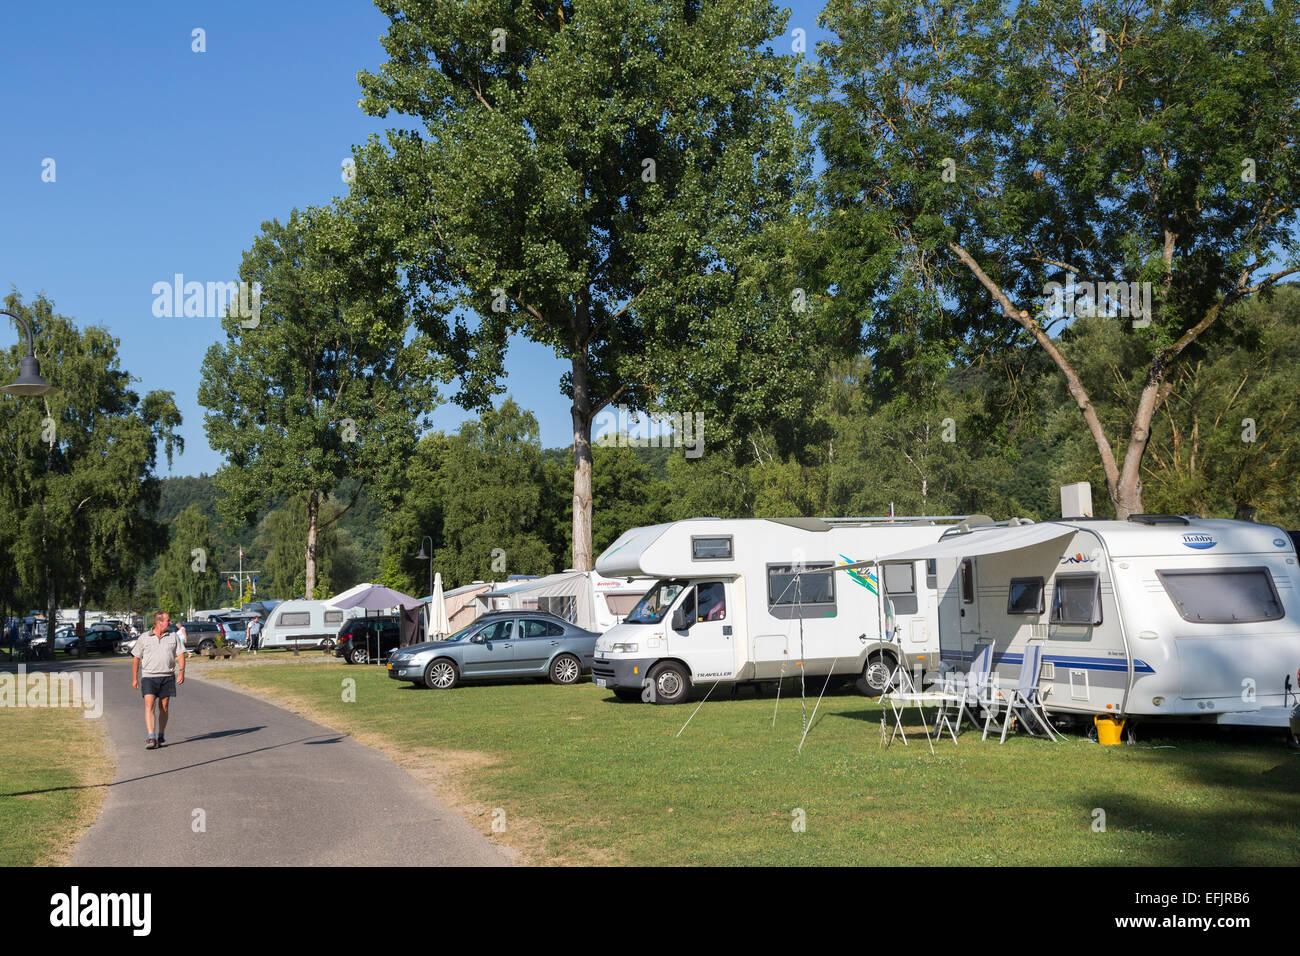 Campingplatz bettingen wertheim national wildlife bet on direction